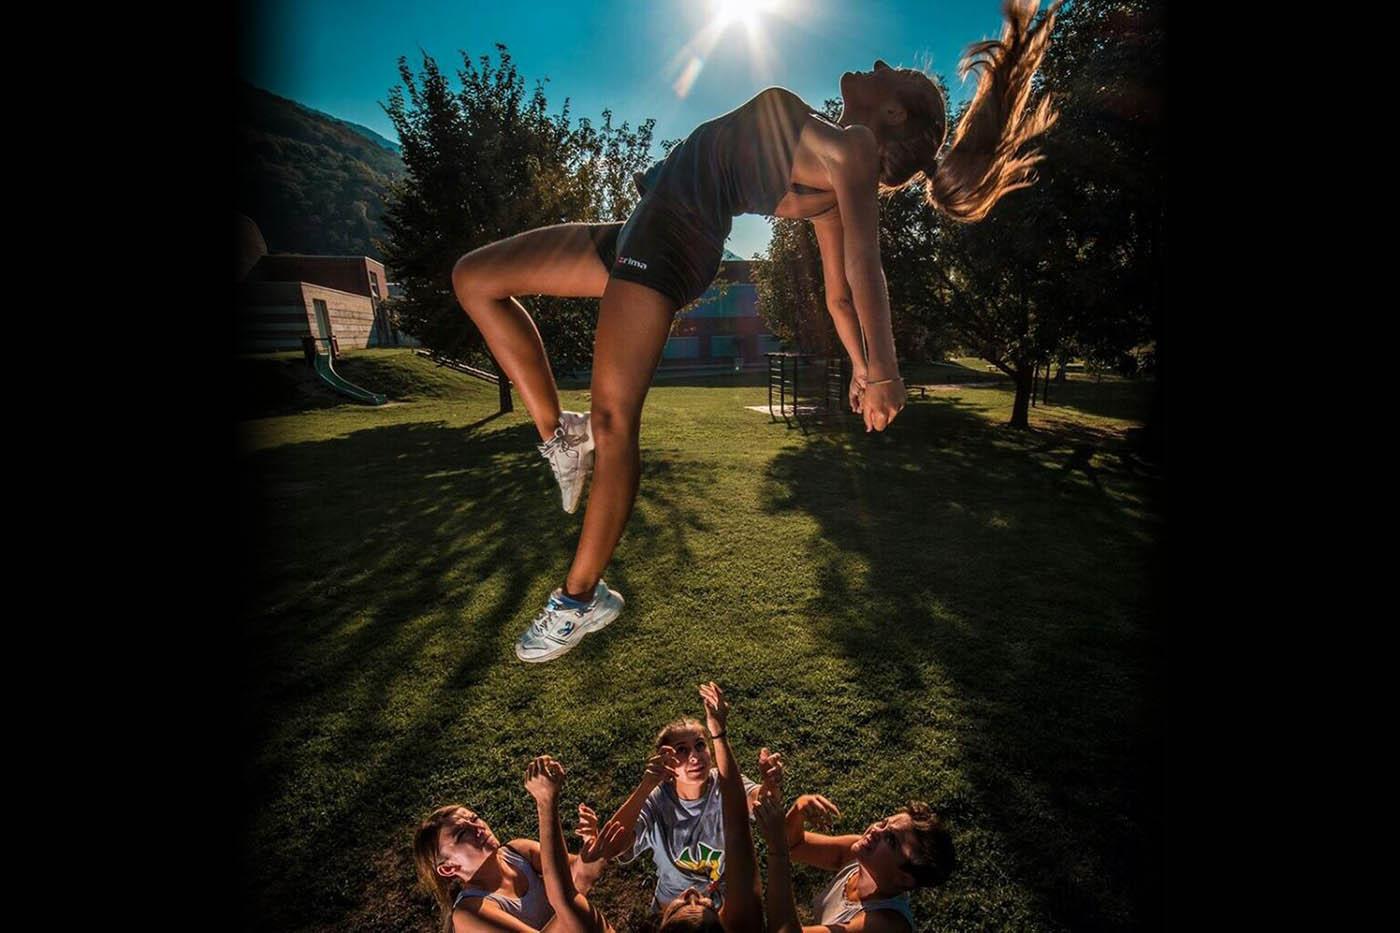 Jaguars Cheerleader Ticino - Basket Toss